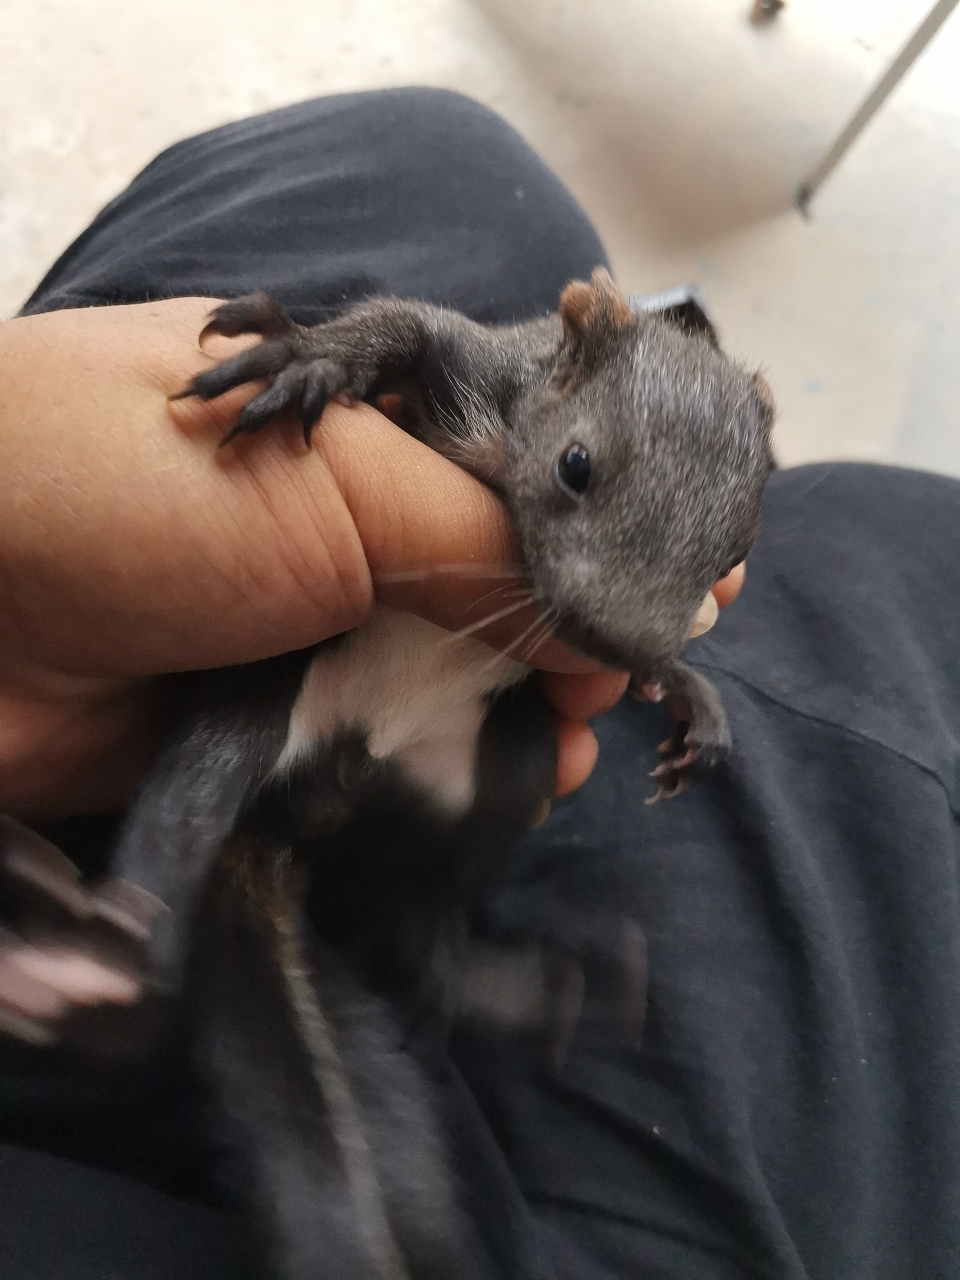 魔王松鼠幼崽出窝了